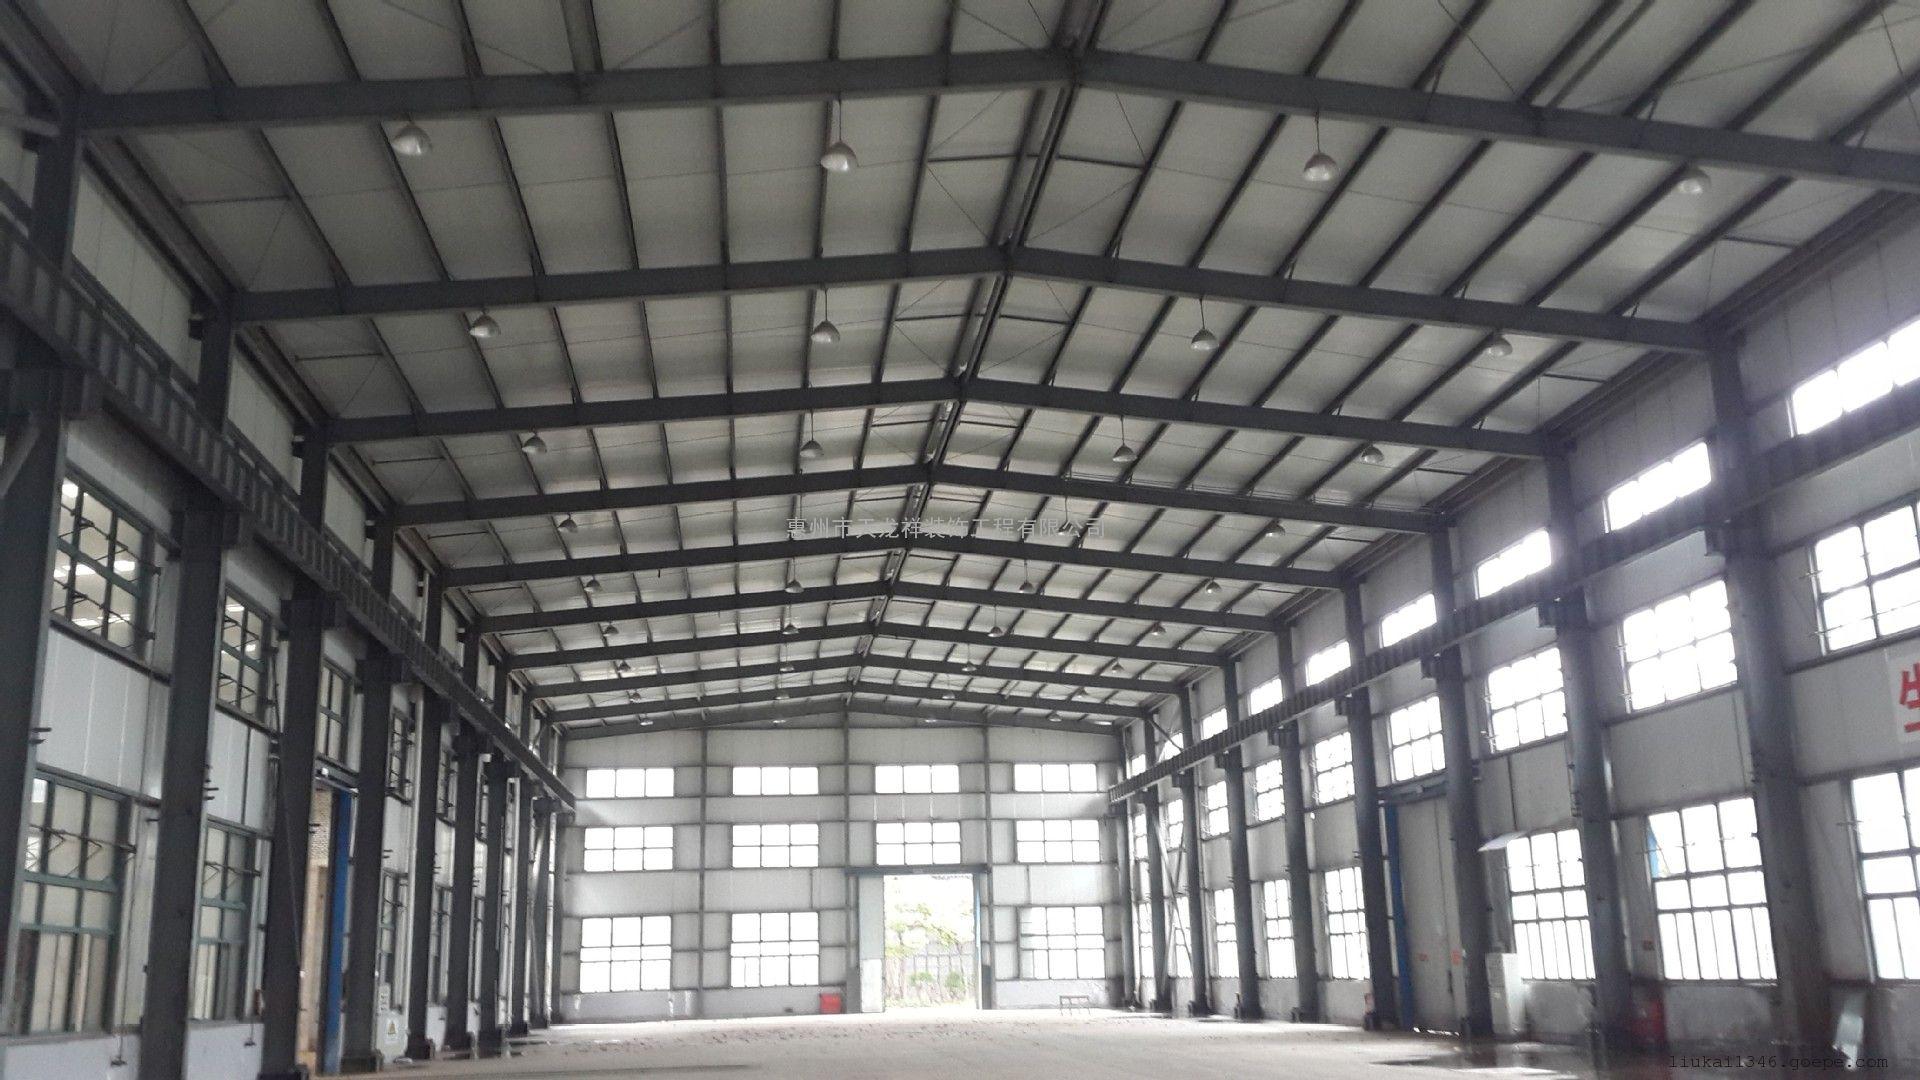 深圳钢结构厂房供应钢架结构加工 钢梁钢柱加工 钢结构仓库